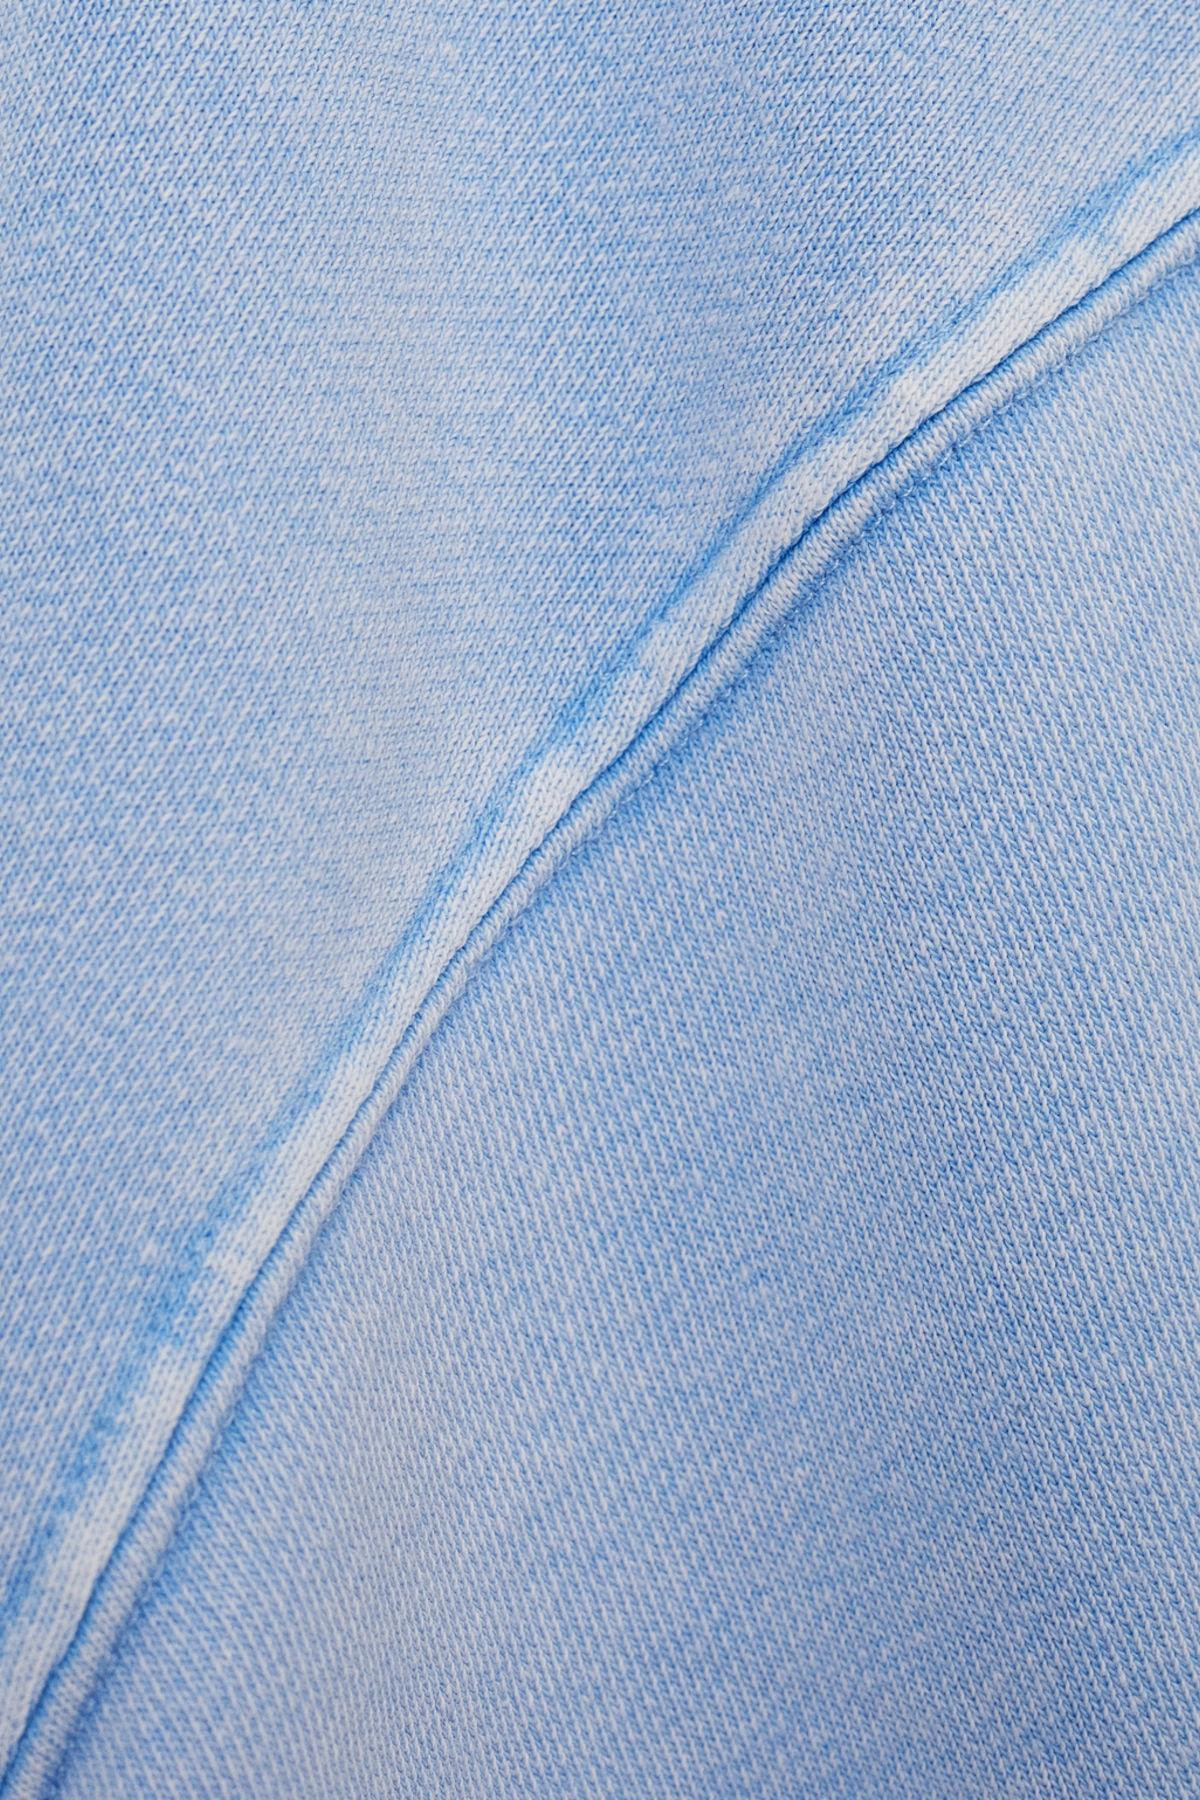 Bershka Kadın Açık Mavi İşlemeli Baskılı Sweatshirt 06844443 4